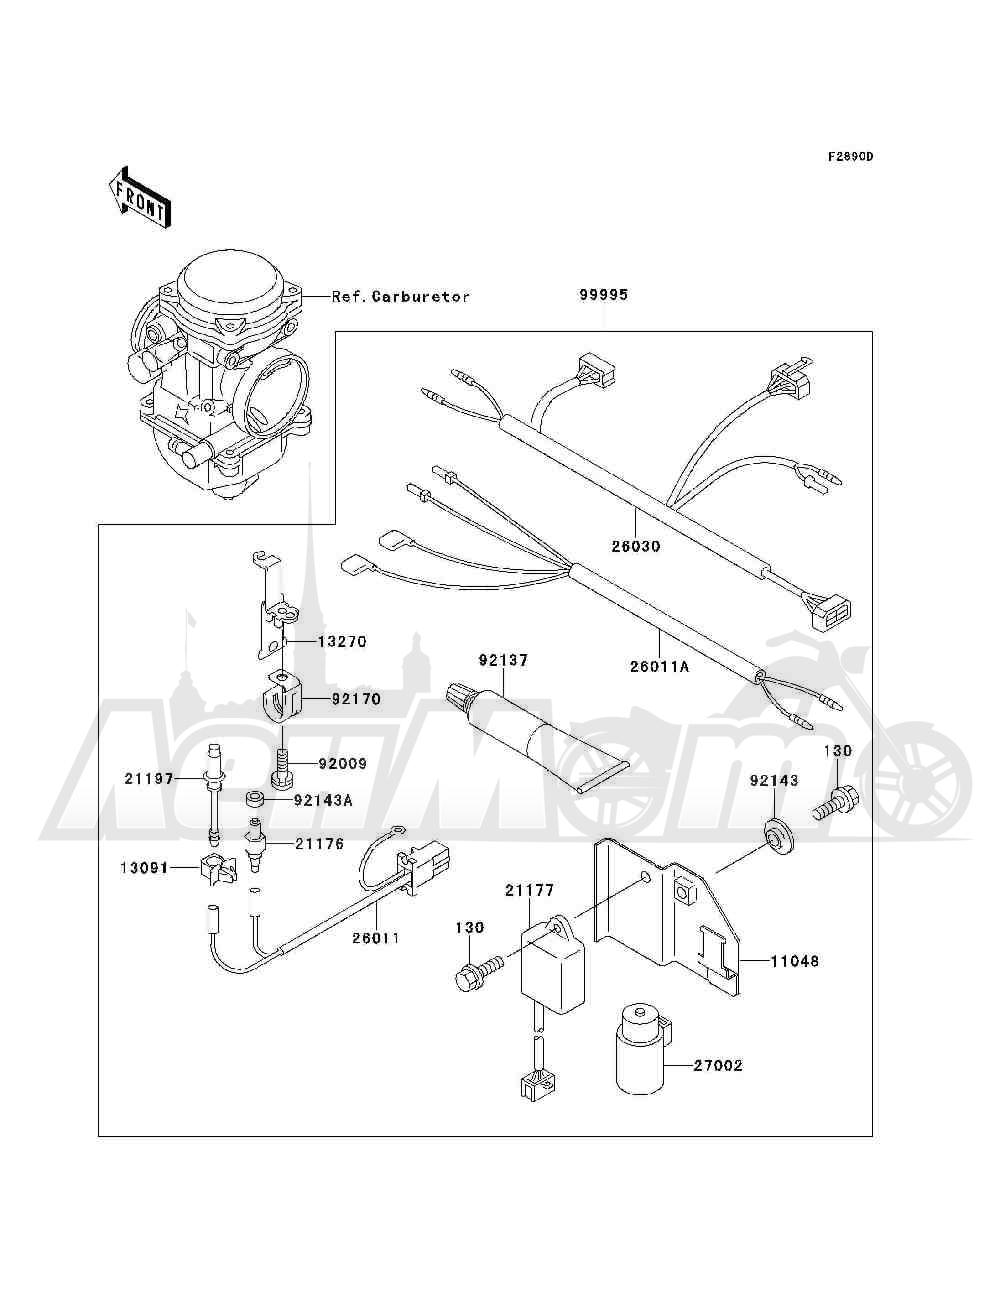 Запчасти для Квадроцикла Kawasaki 1993 BAYOU 300 4X4 (KLF300-C5) Раздел: OPTIONAL PARTS(CARBRETOR) | опционально детали (CARBRETOR)